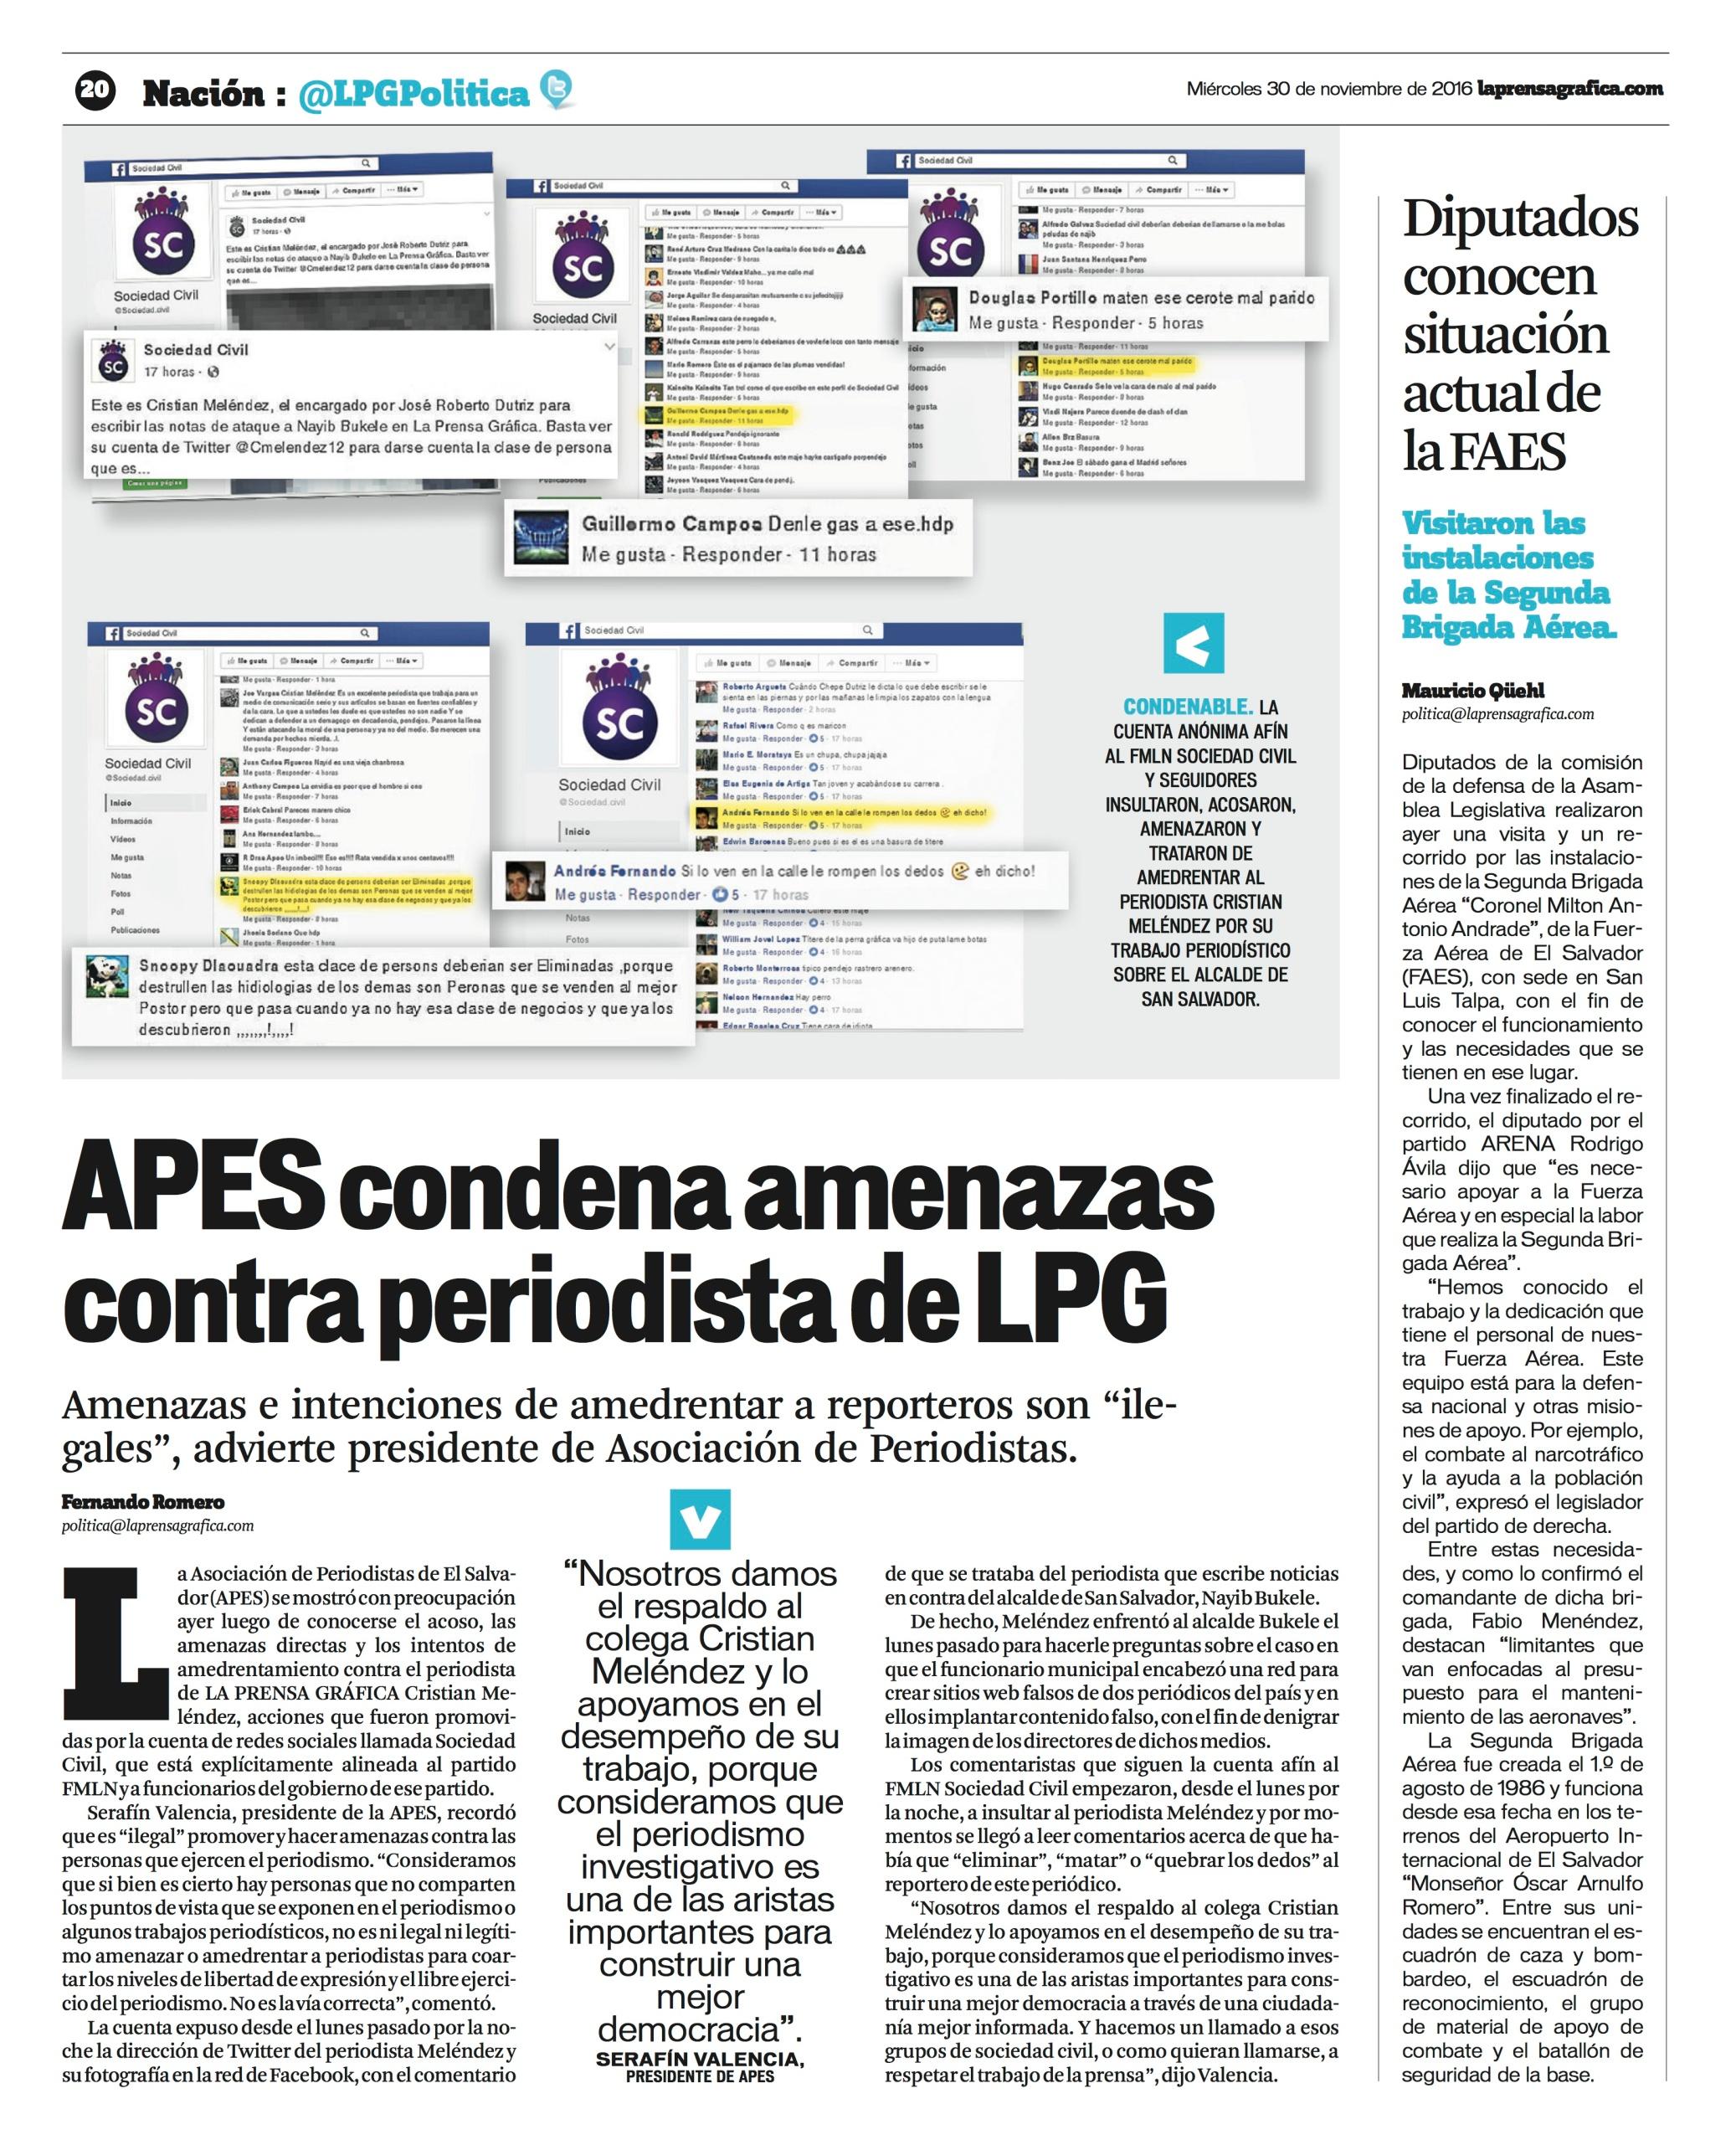 LPG20161130 - La Prensa Gráfica - PORTADA - pag 20.jpg